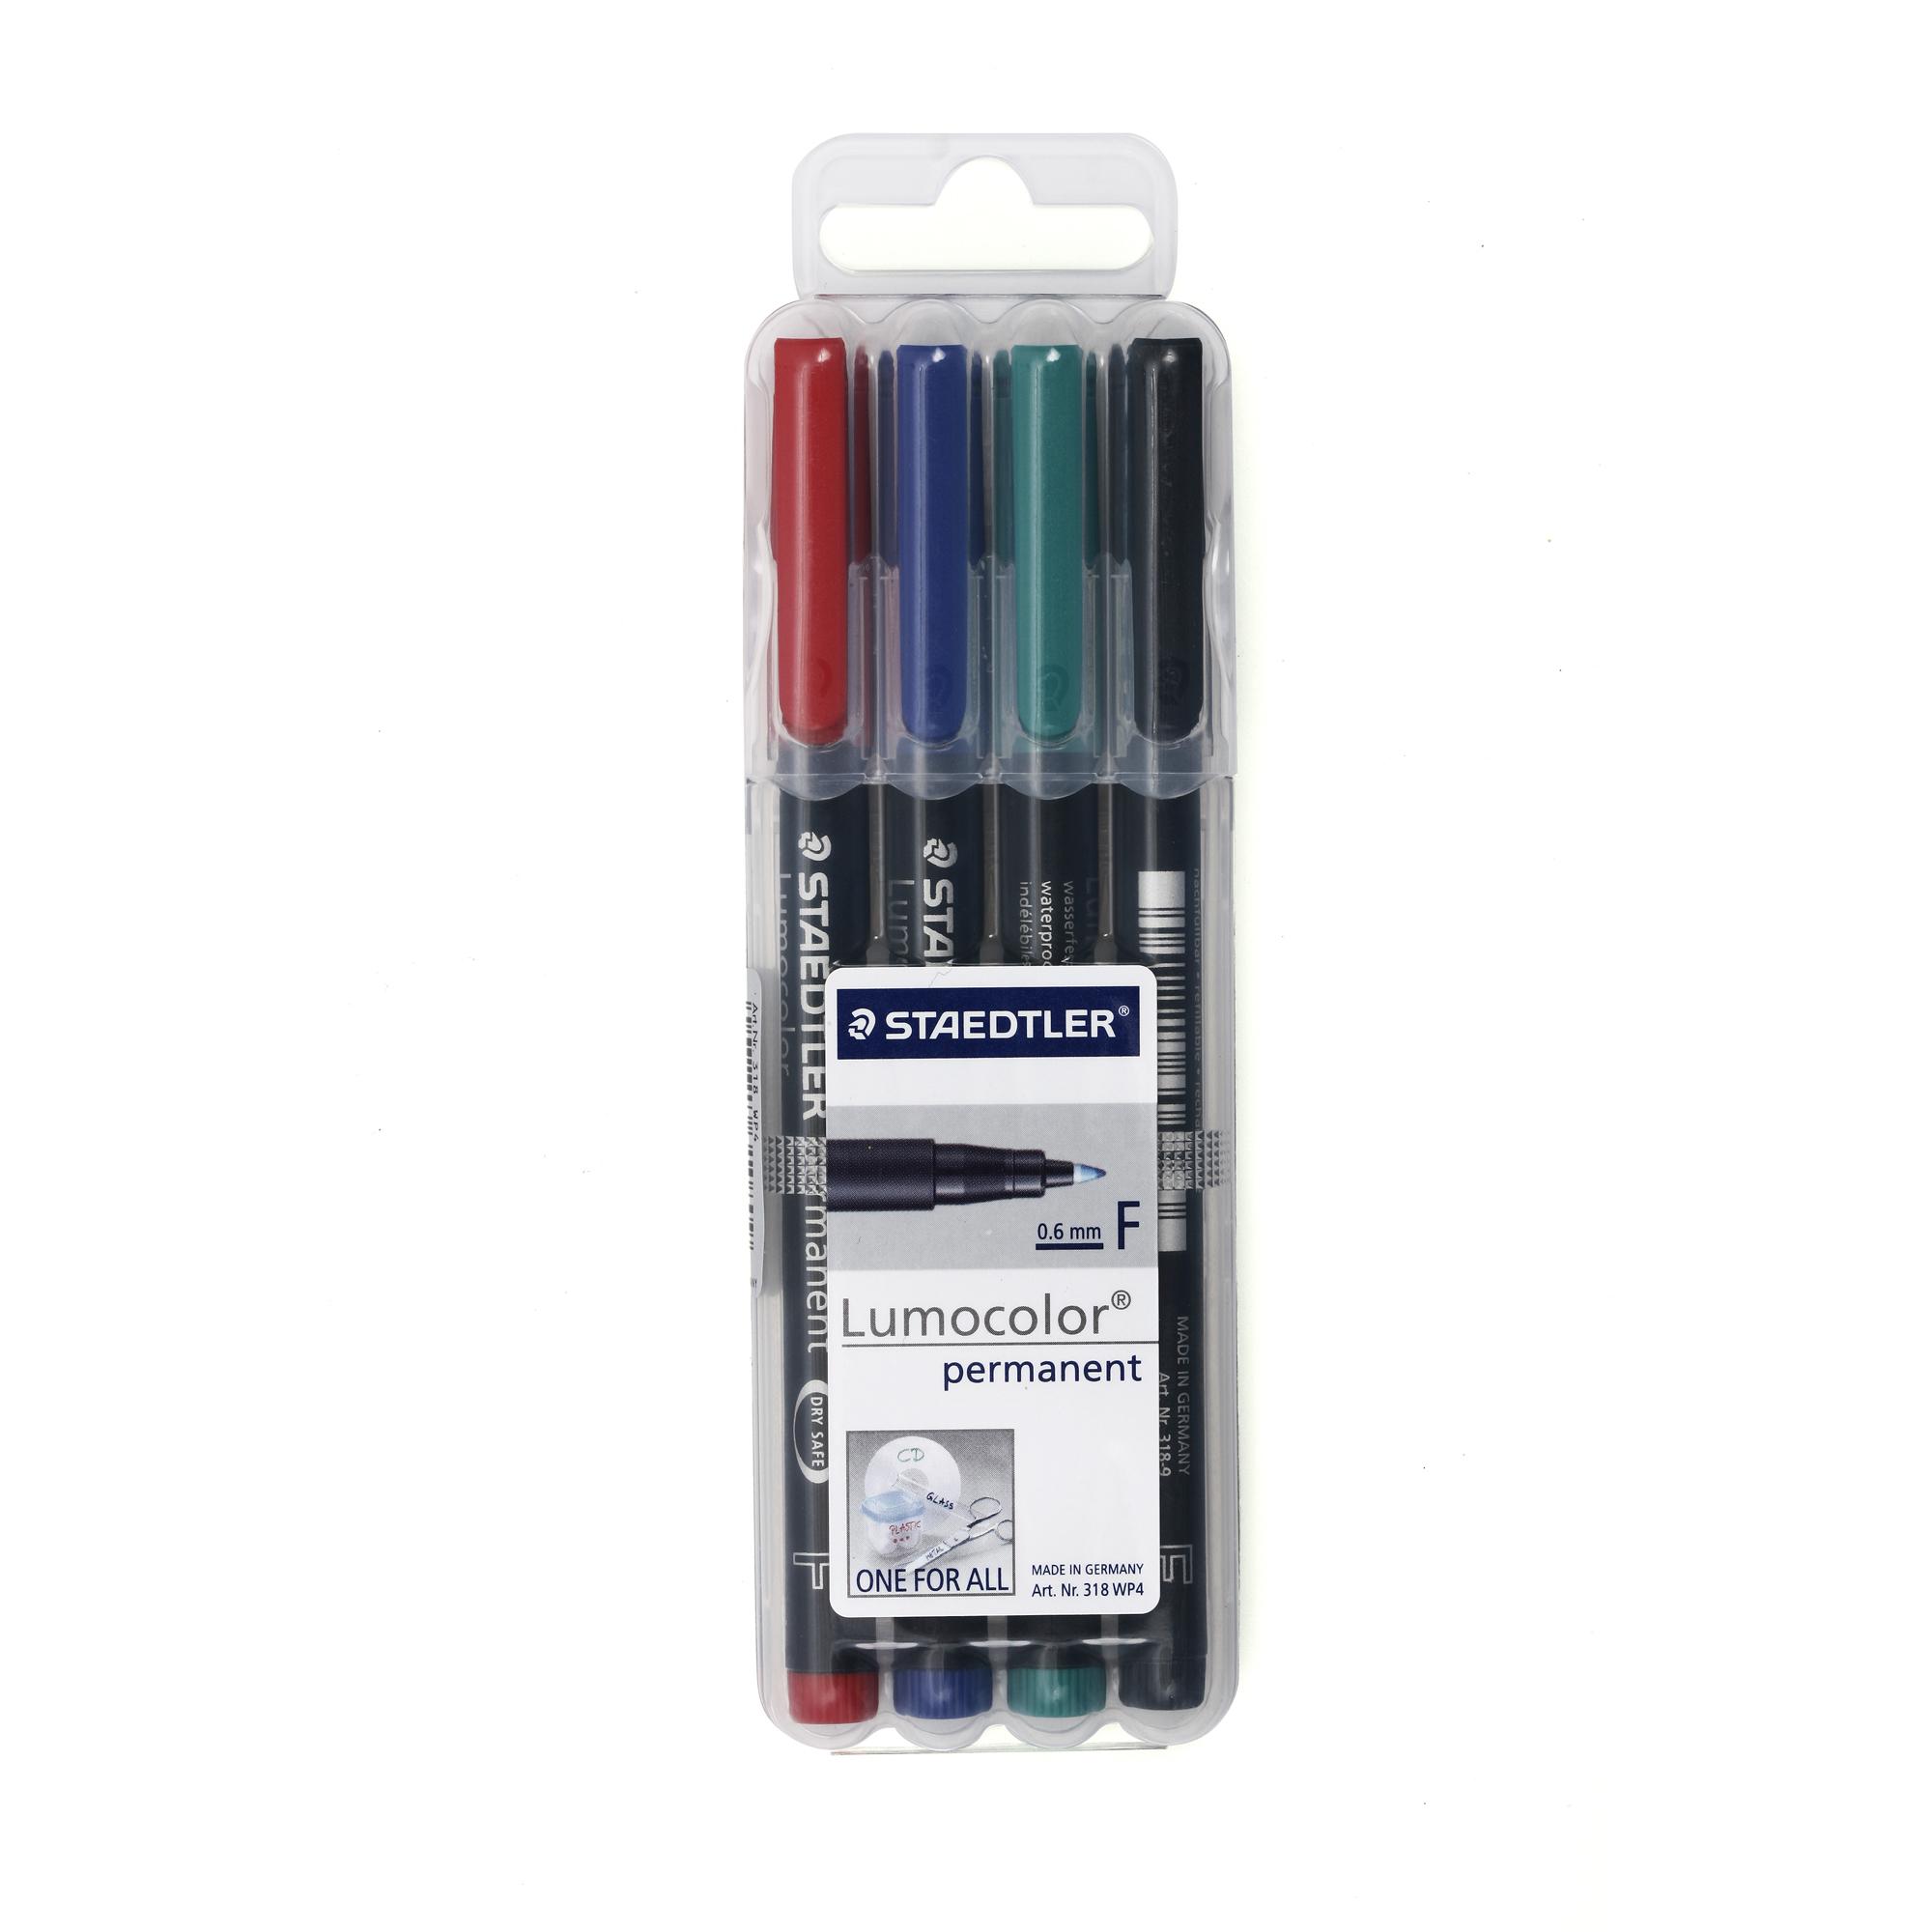 ปากกาเขียนแผ่นใสลบไม่ได้ 0.6 มม. STAEDTLER 318-9 WP4